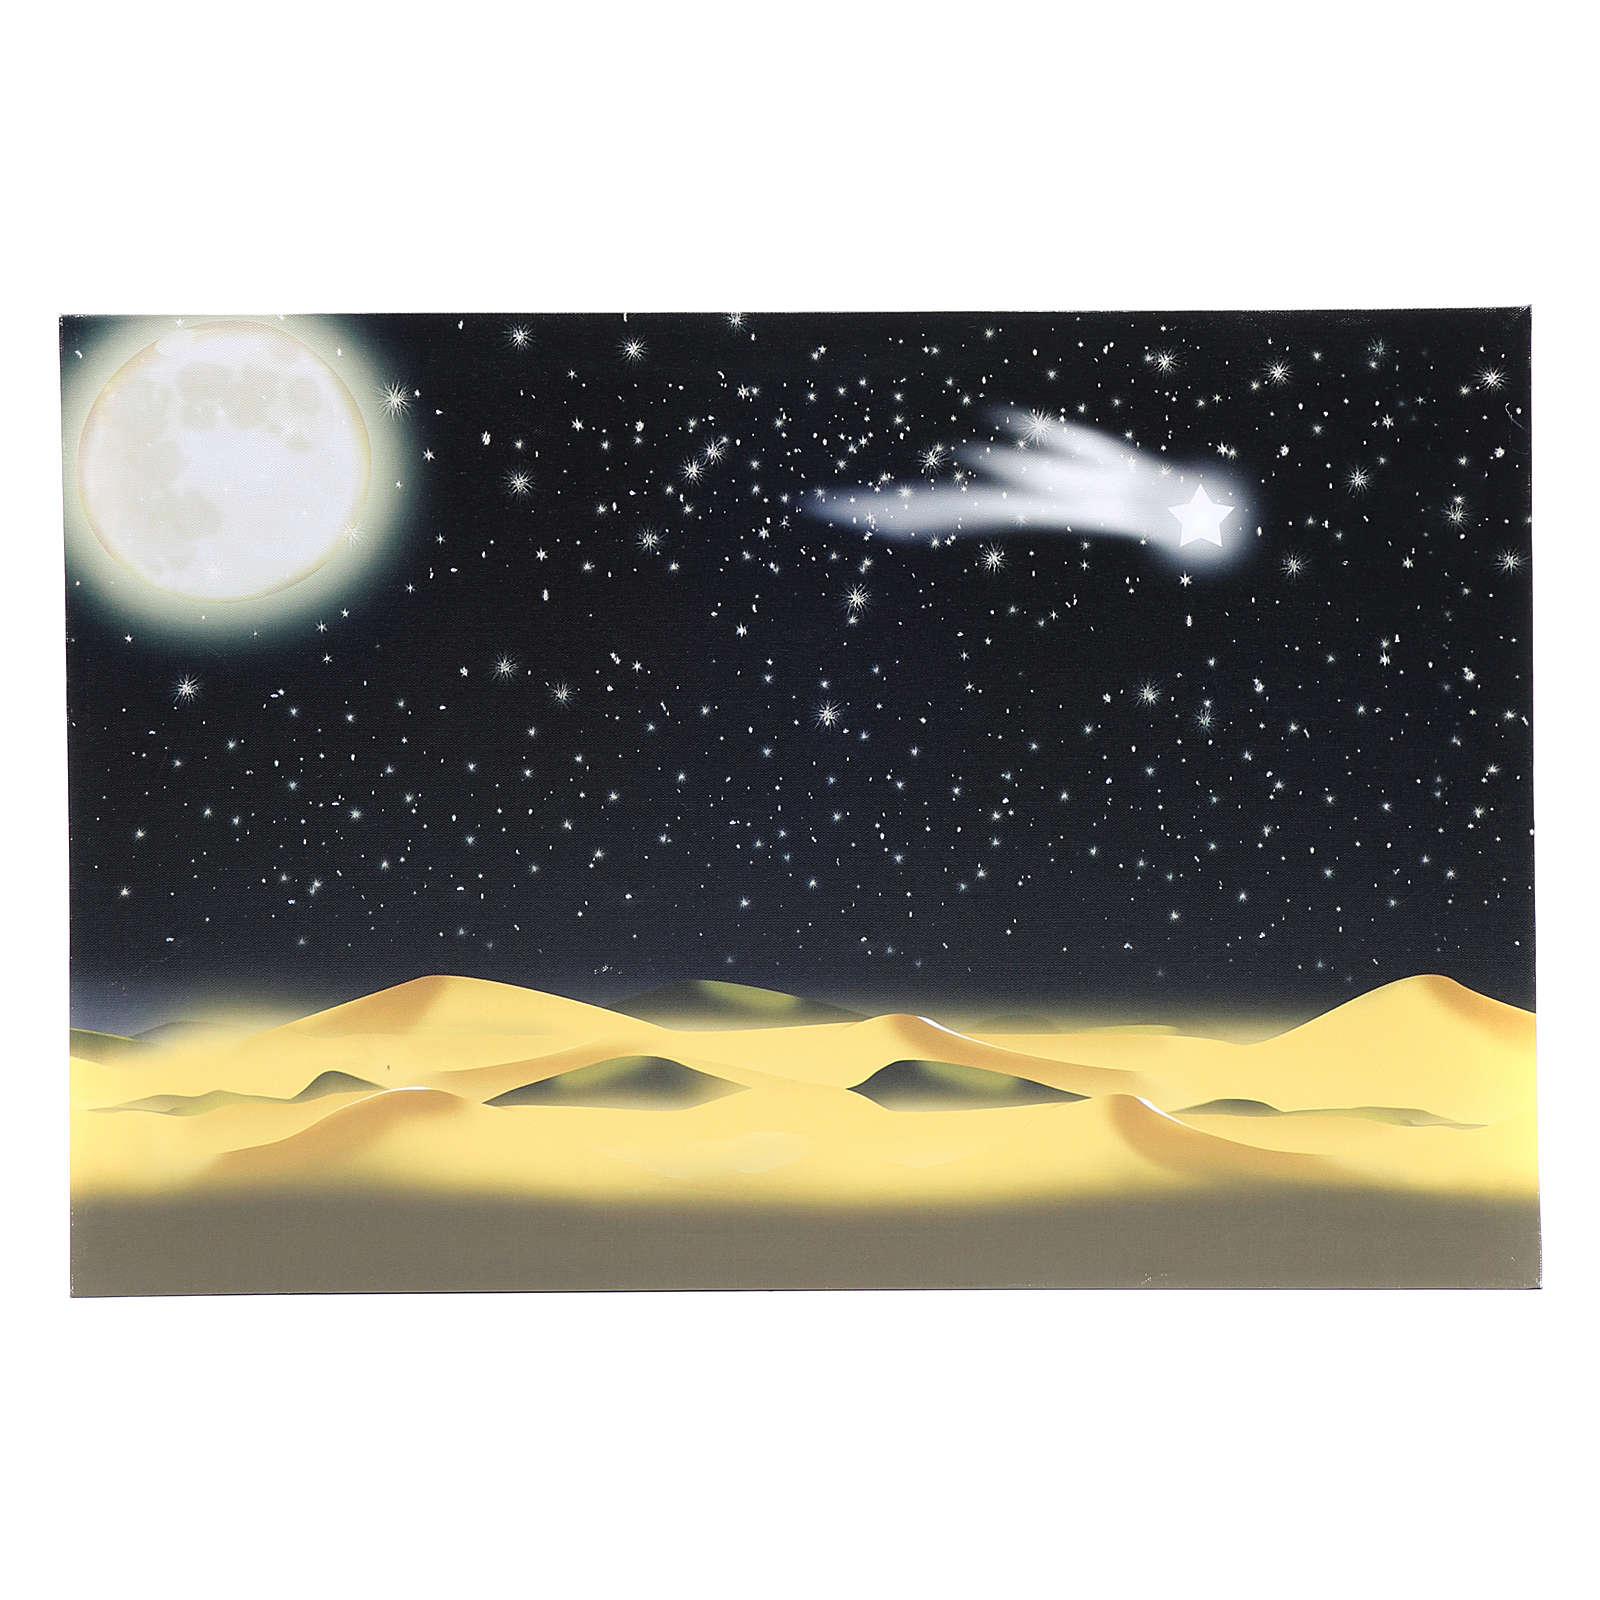 Toile de fond lune et ciel étoilé illuminé leds 40x60 cm 4